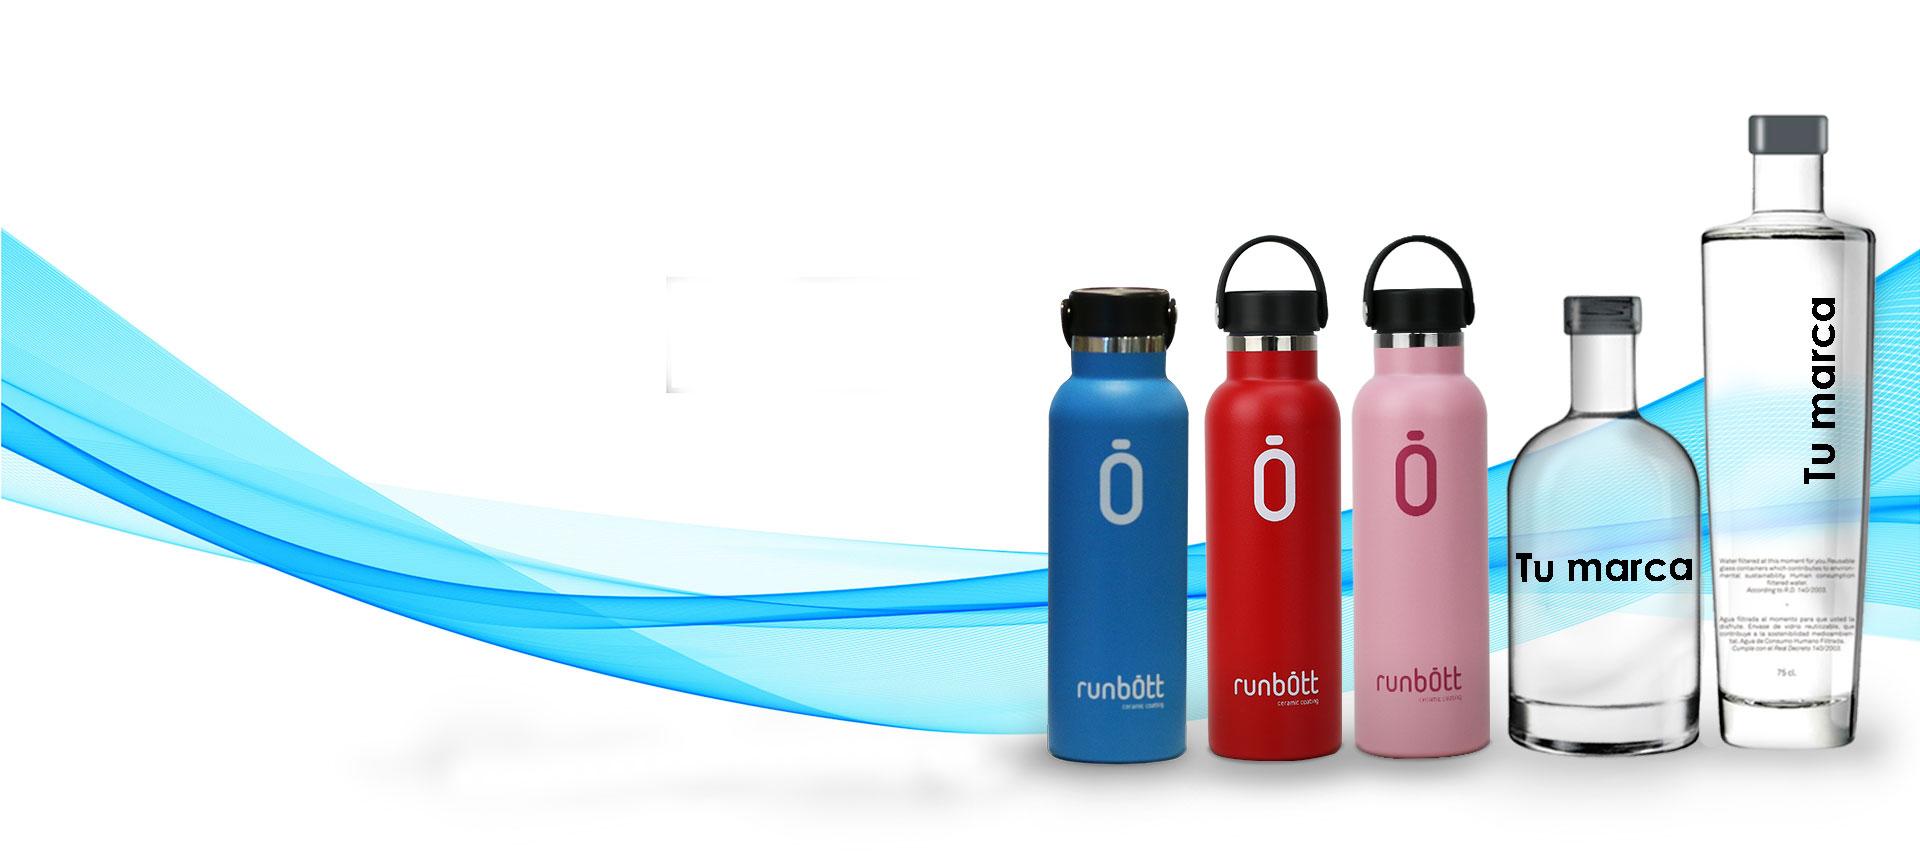 botellas-de-agua-cristal4